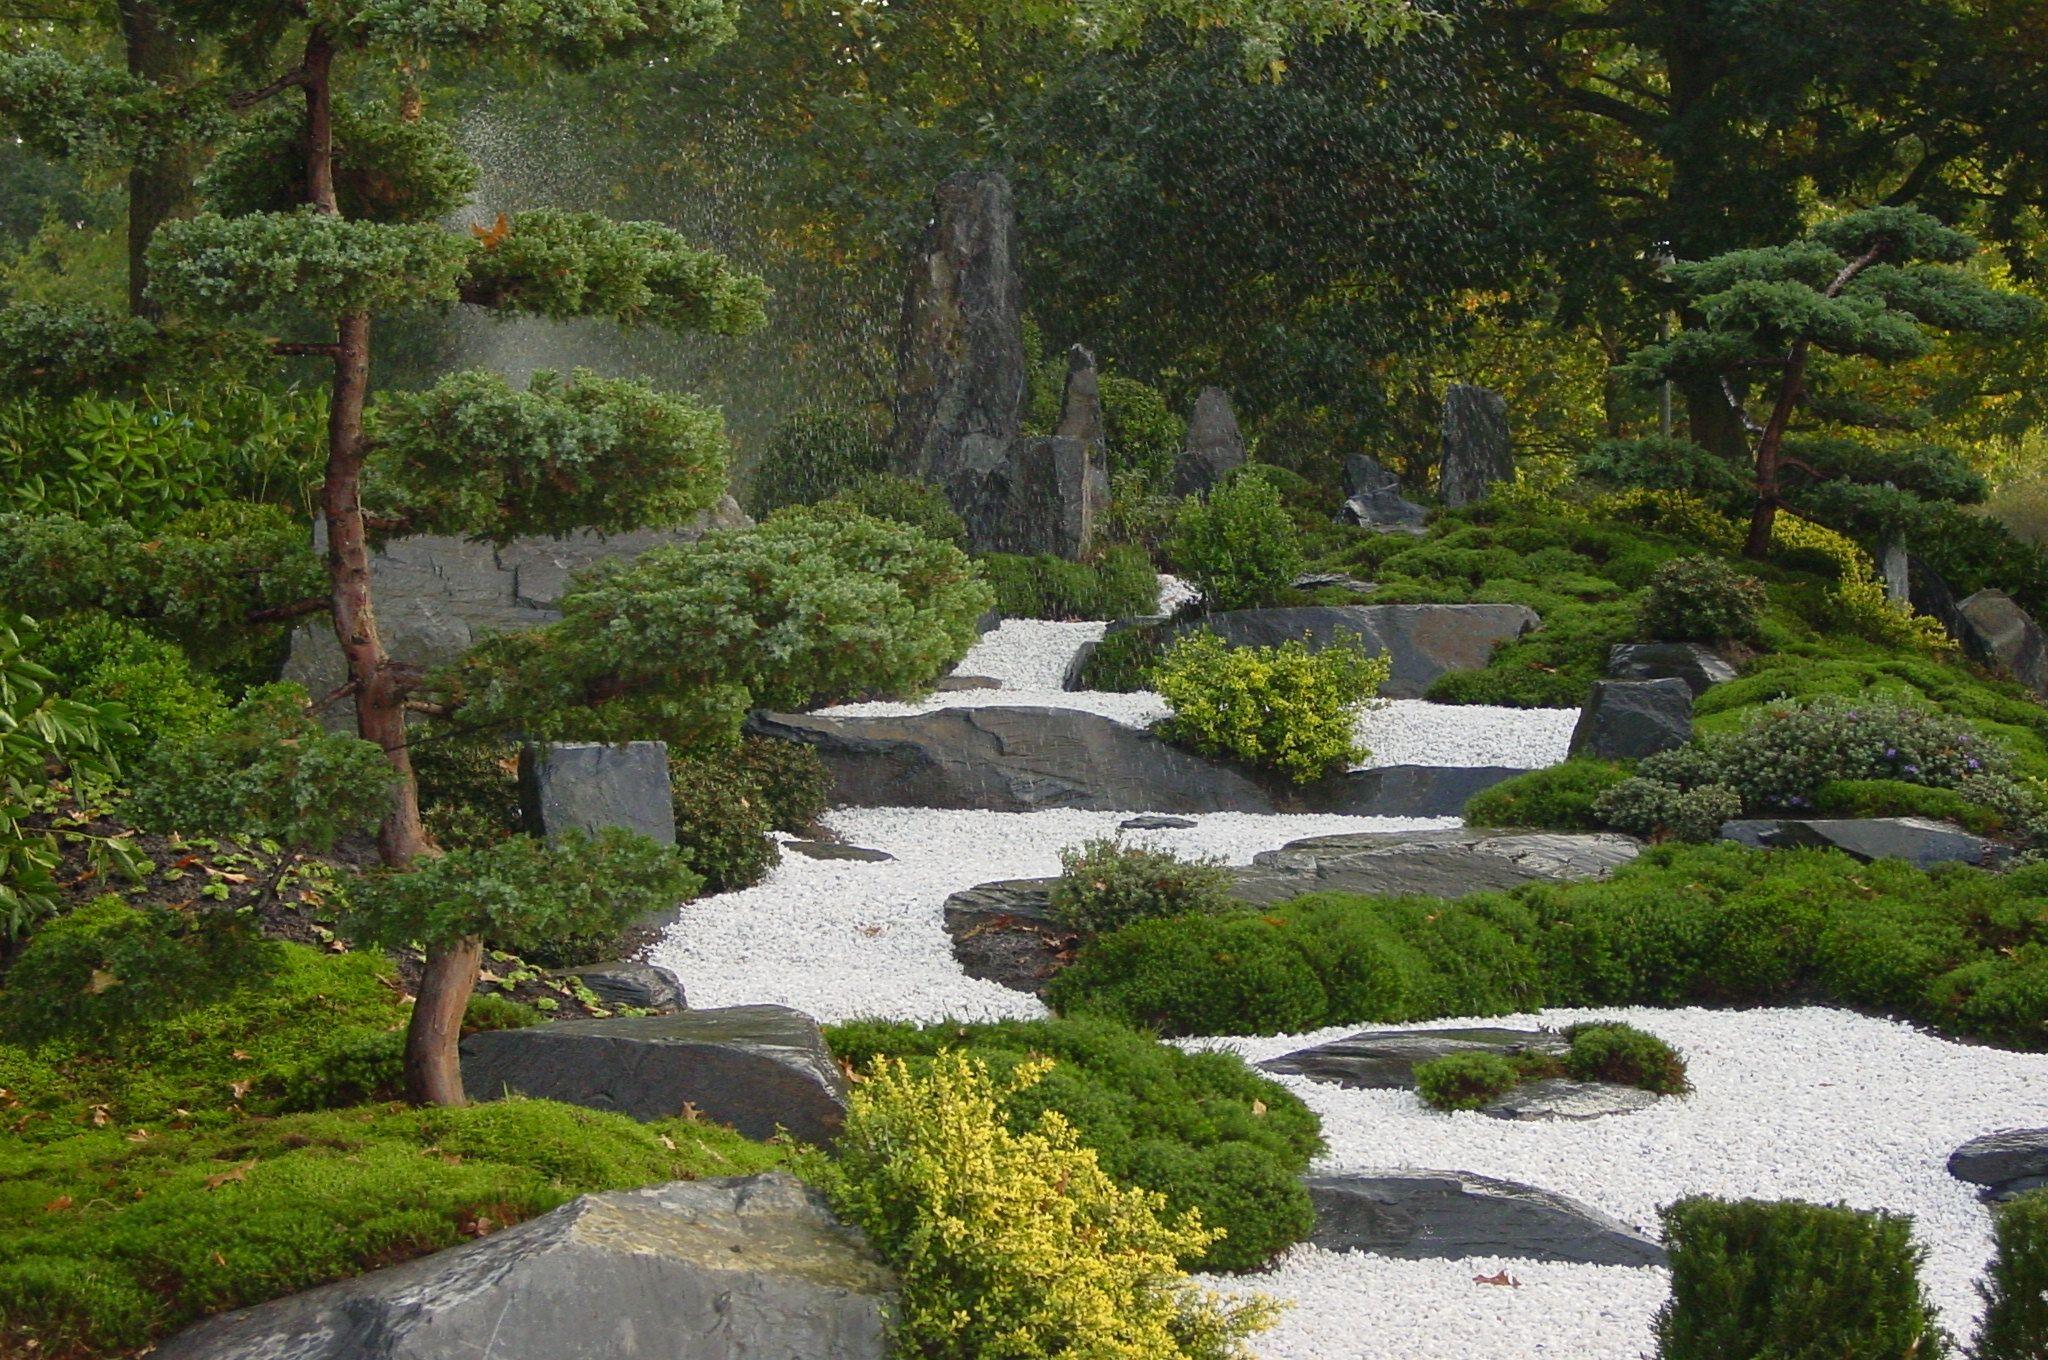 Best kleinen japanischen Garten Teich Google Search Garten Pinterest Kleiner japanischer Garten Teiche und Japanische